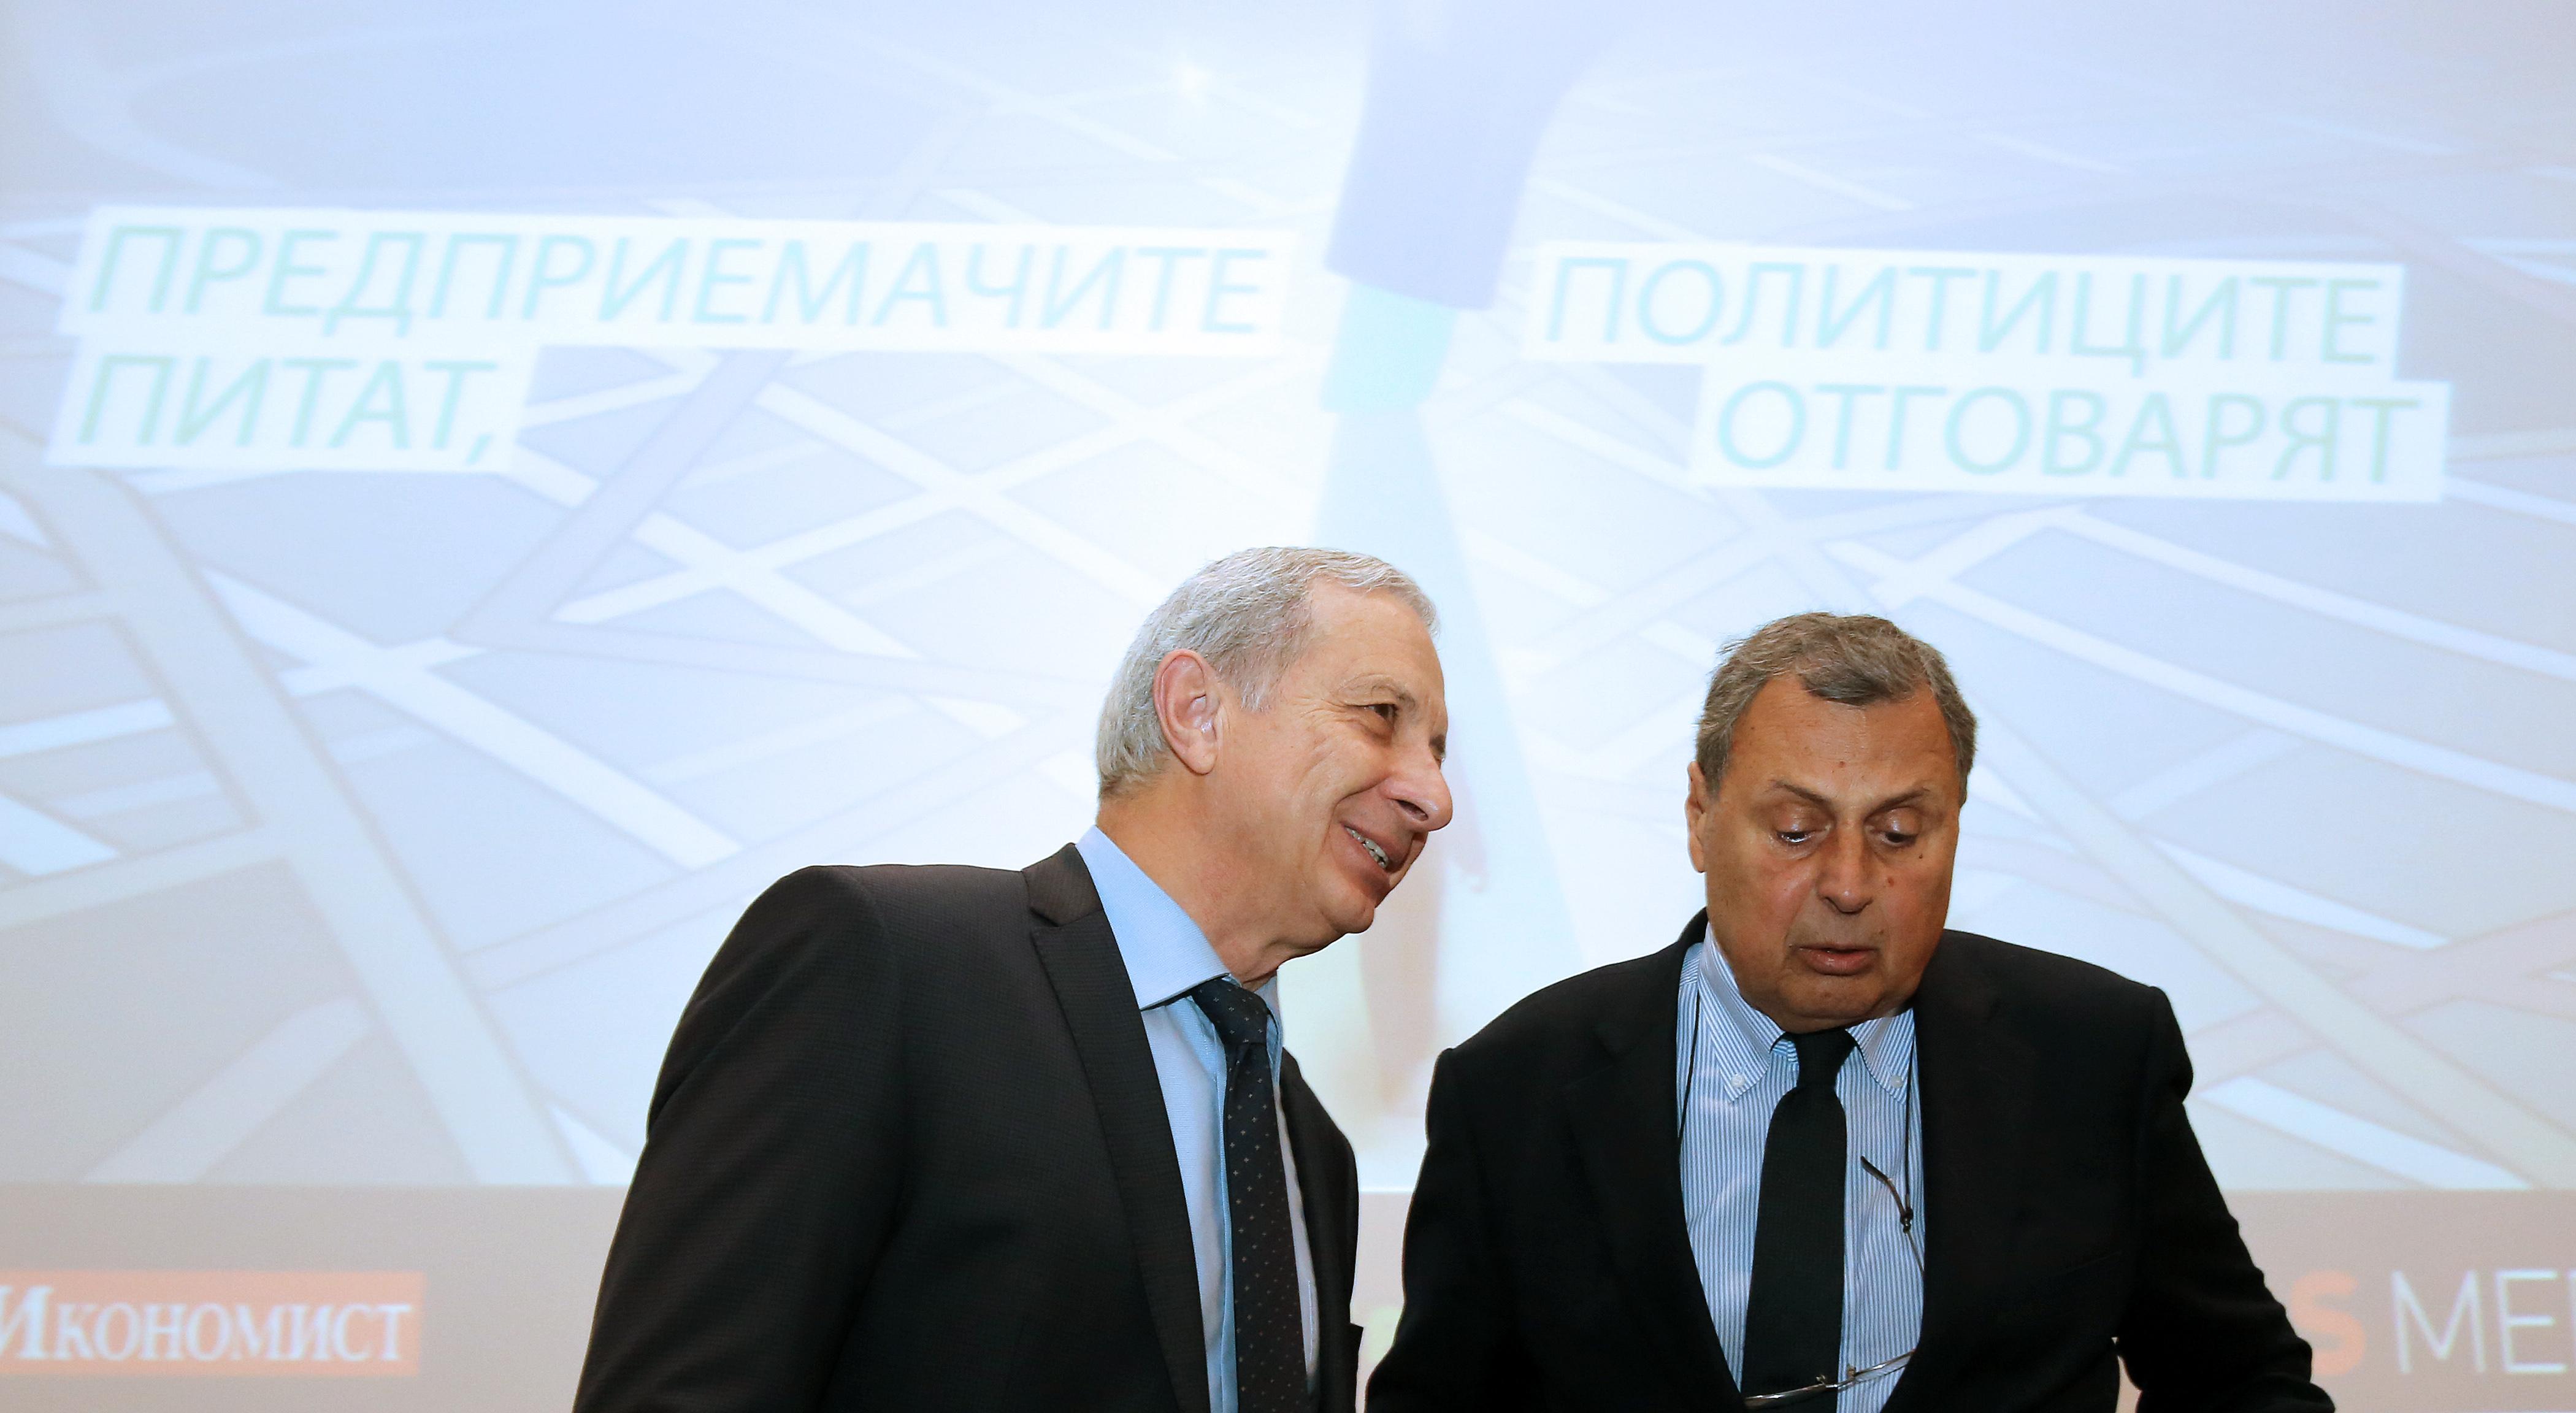 Герджиков обеща по-ниски тежести за бизнеса